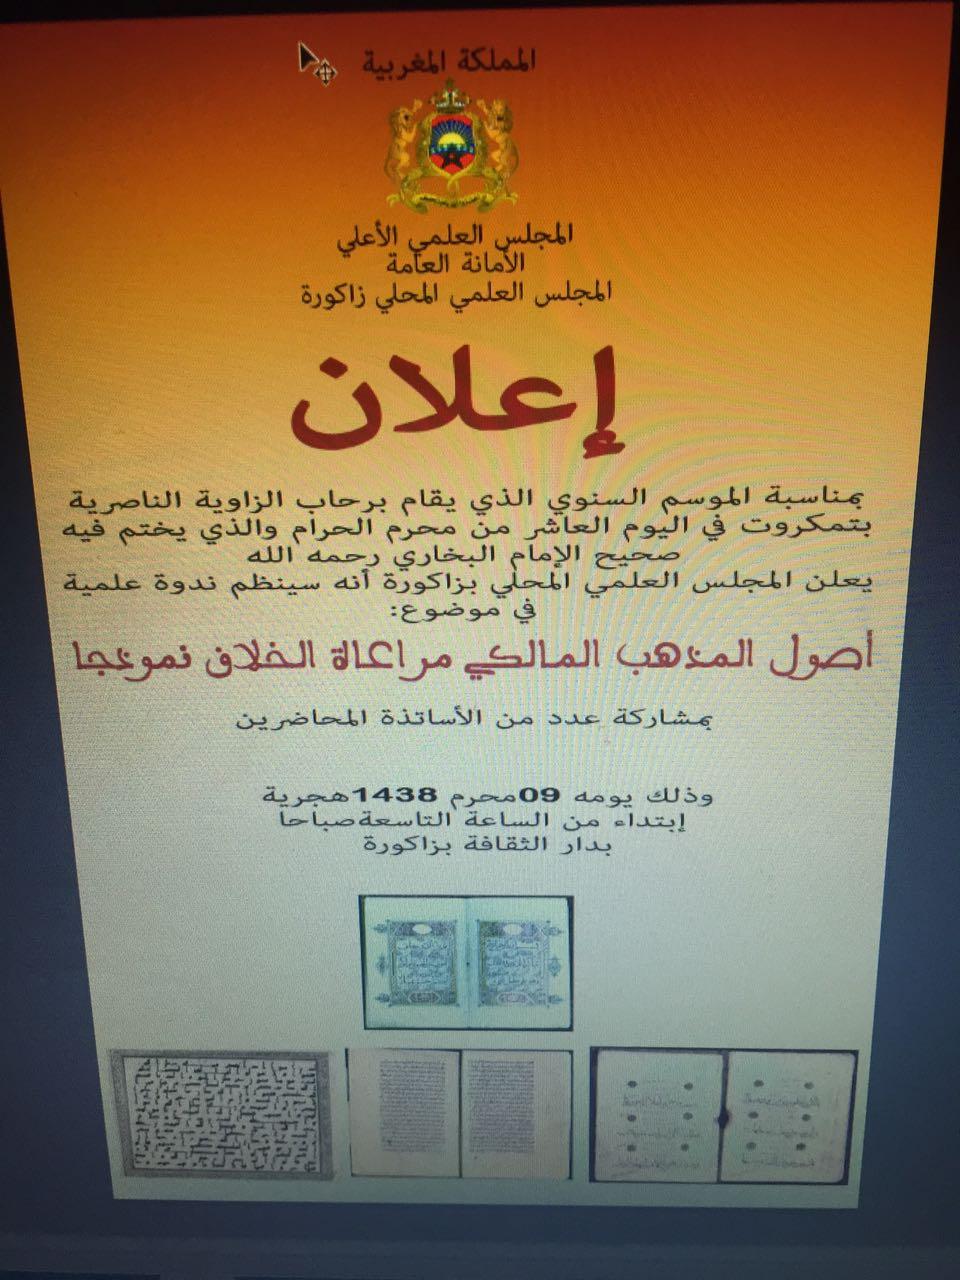 ندوة علمية للمجلس المحلي يوم غد بدار الثقافة بزاكورة